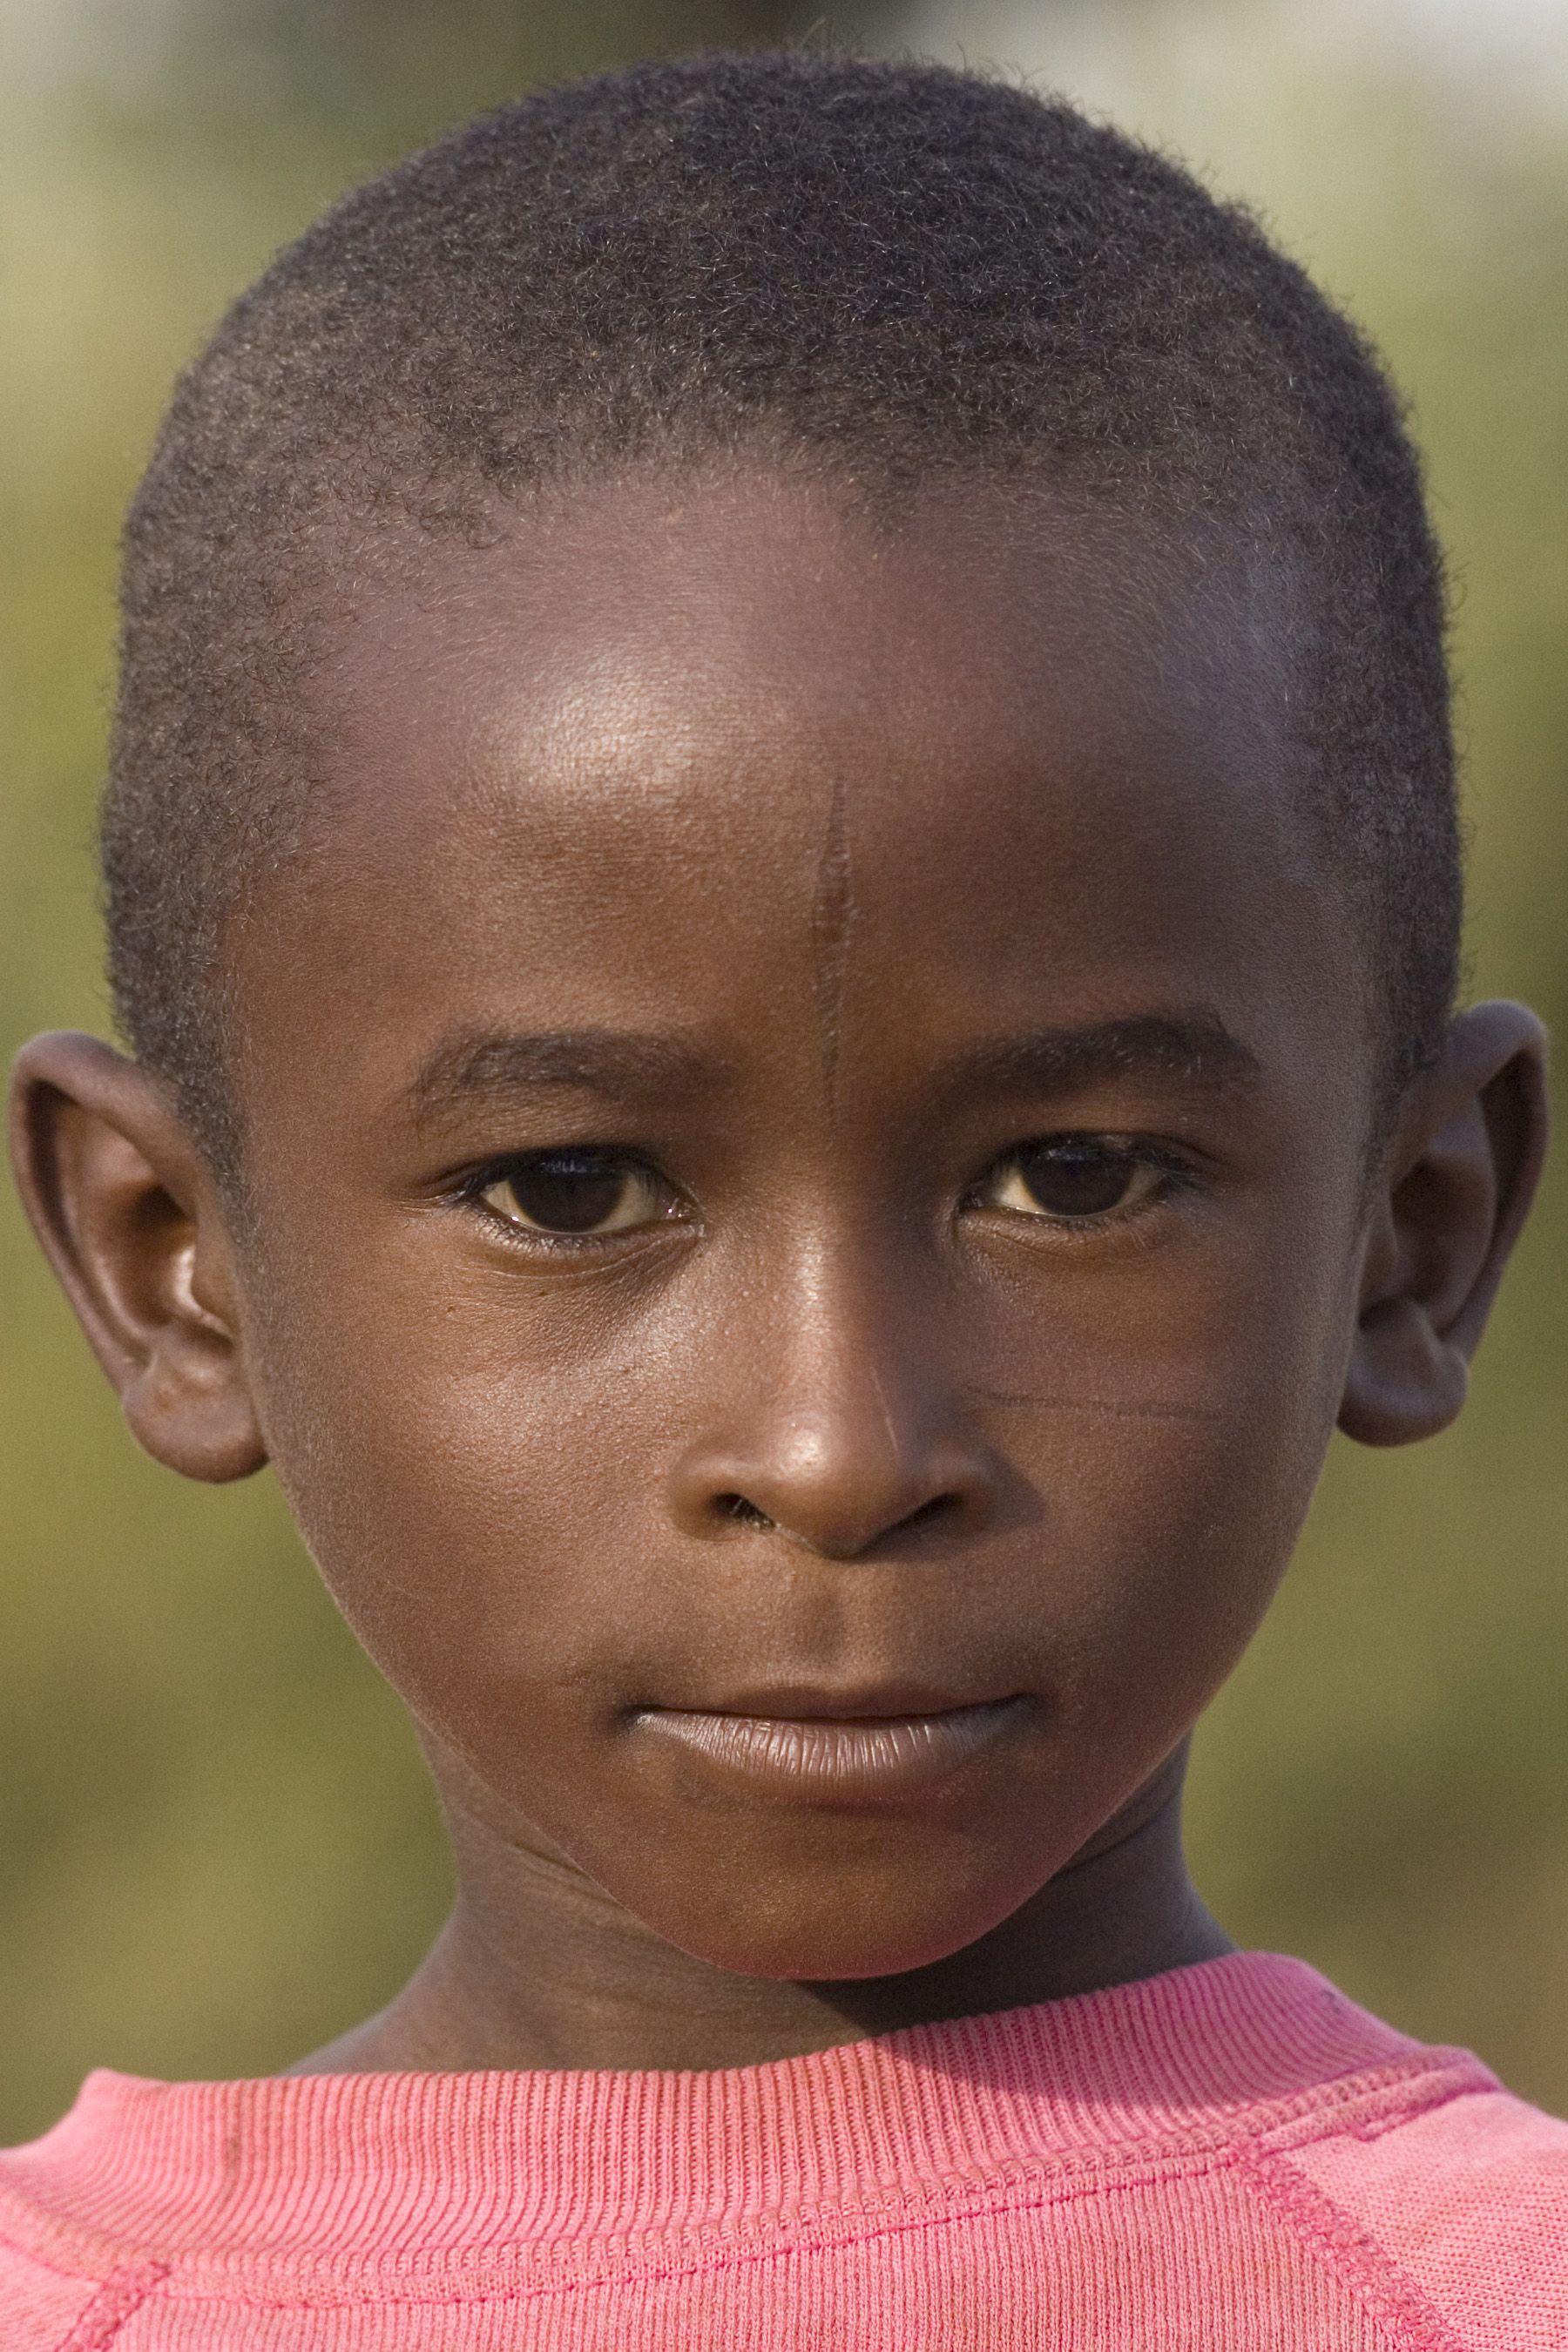 Nigeria boy